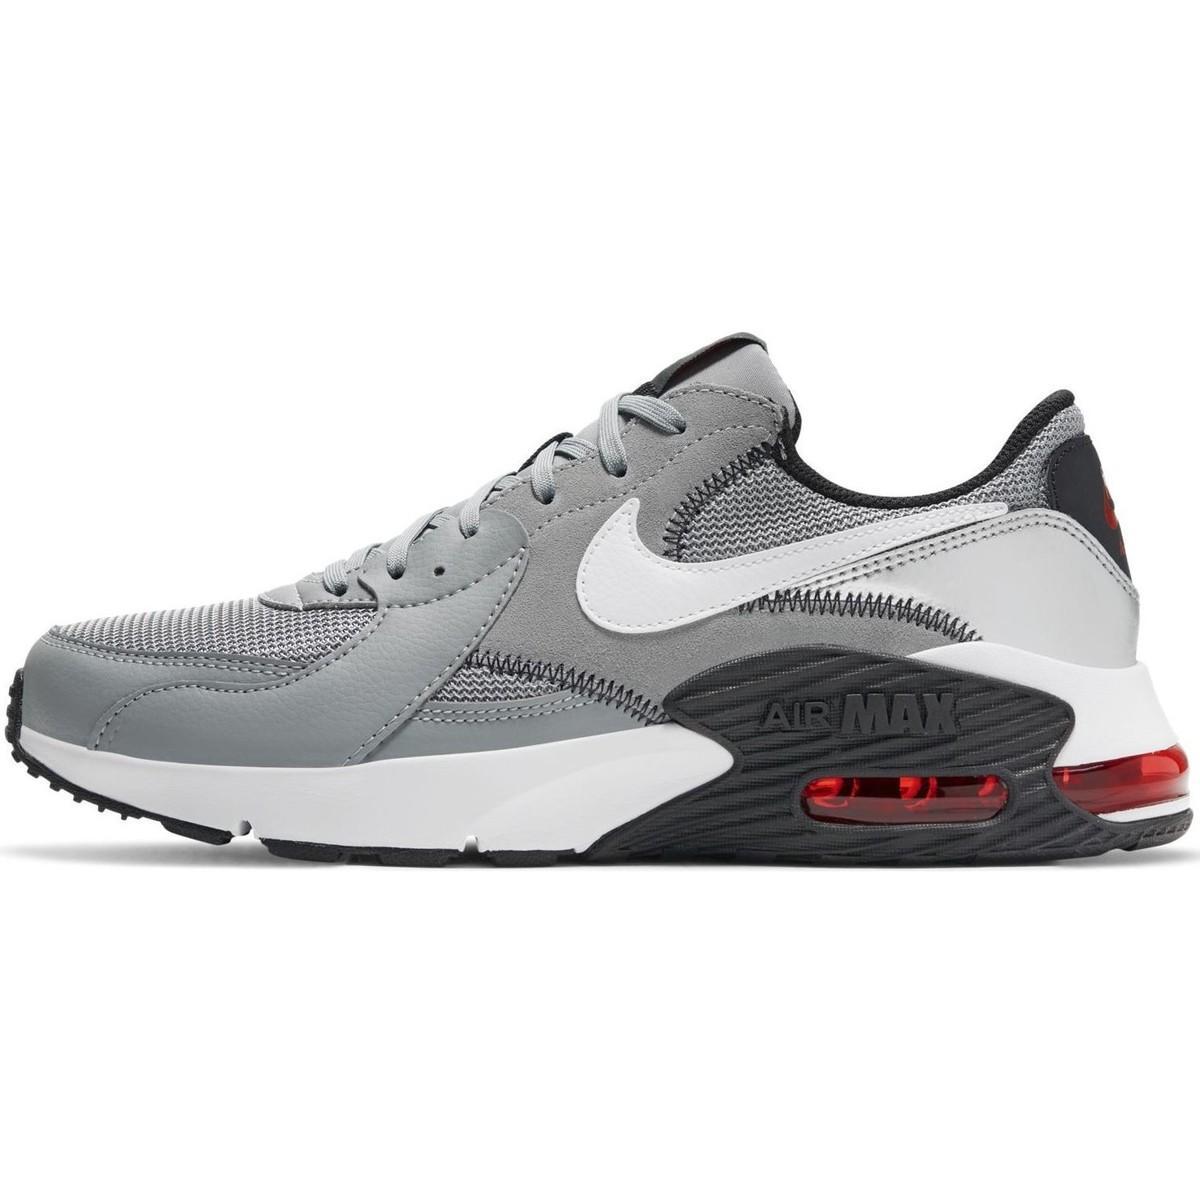 Baskets Air Max Excee Chaussures Nike pour homme en coloris Gris ...